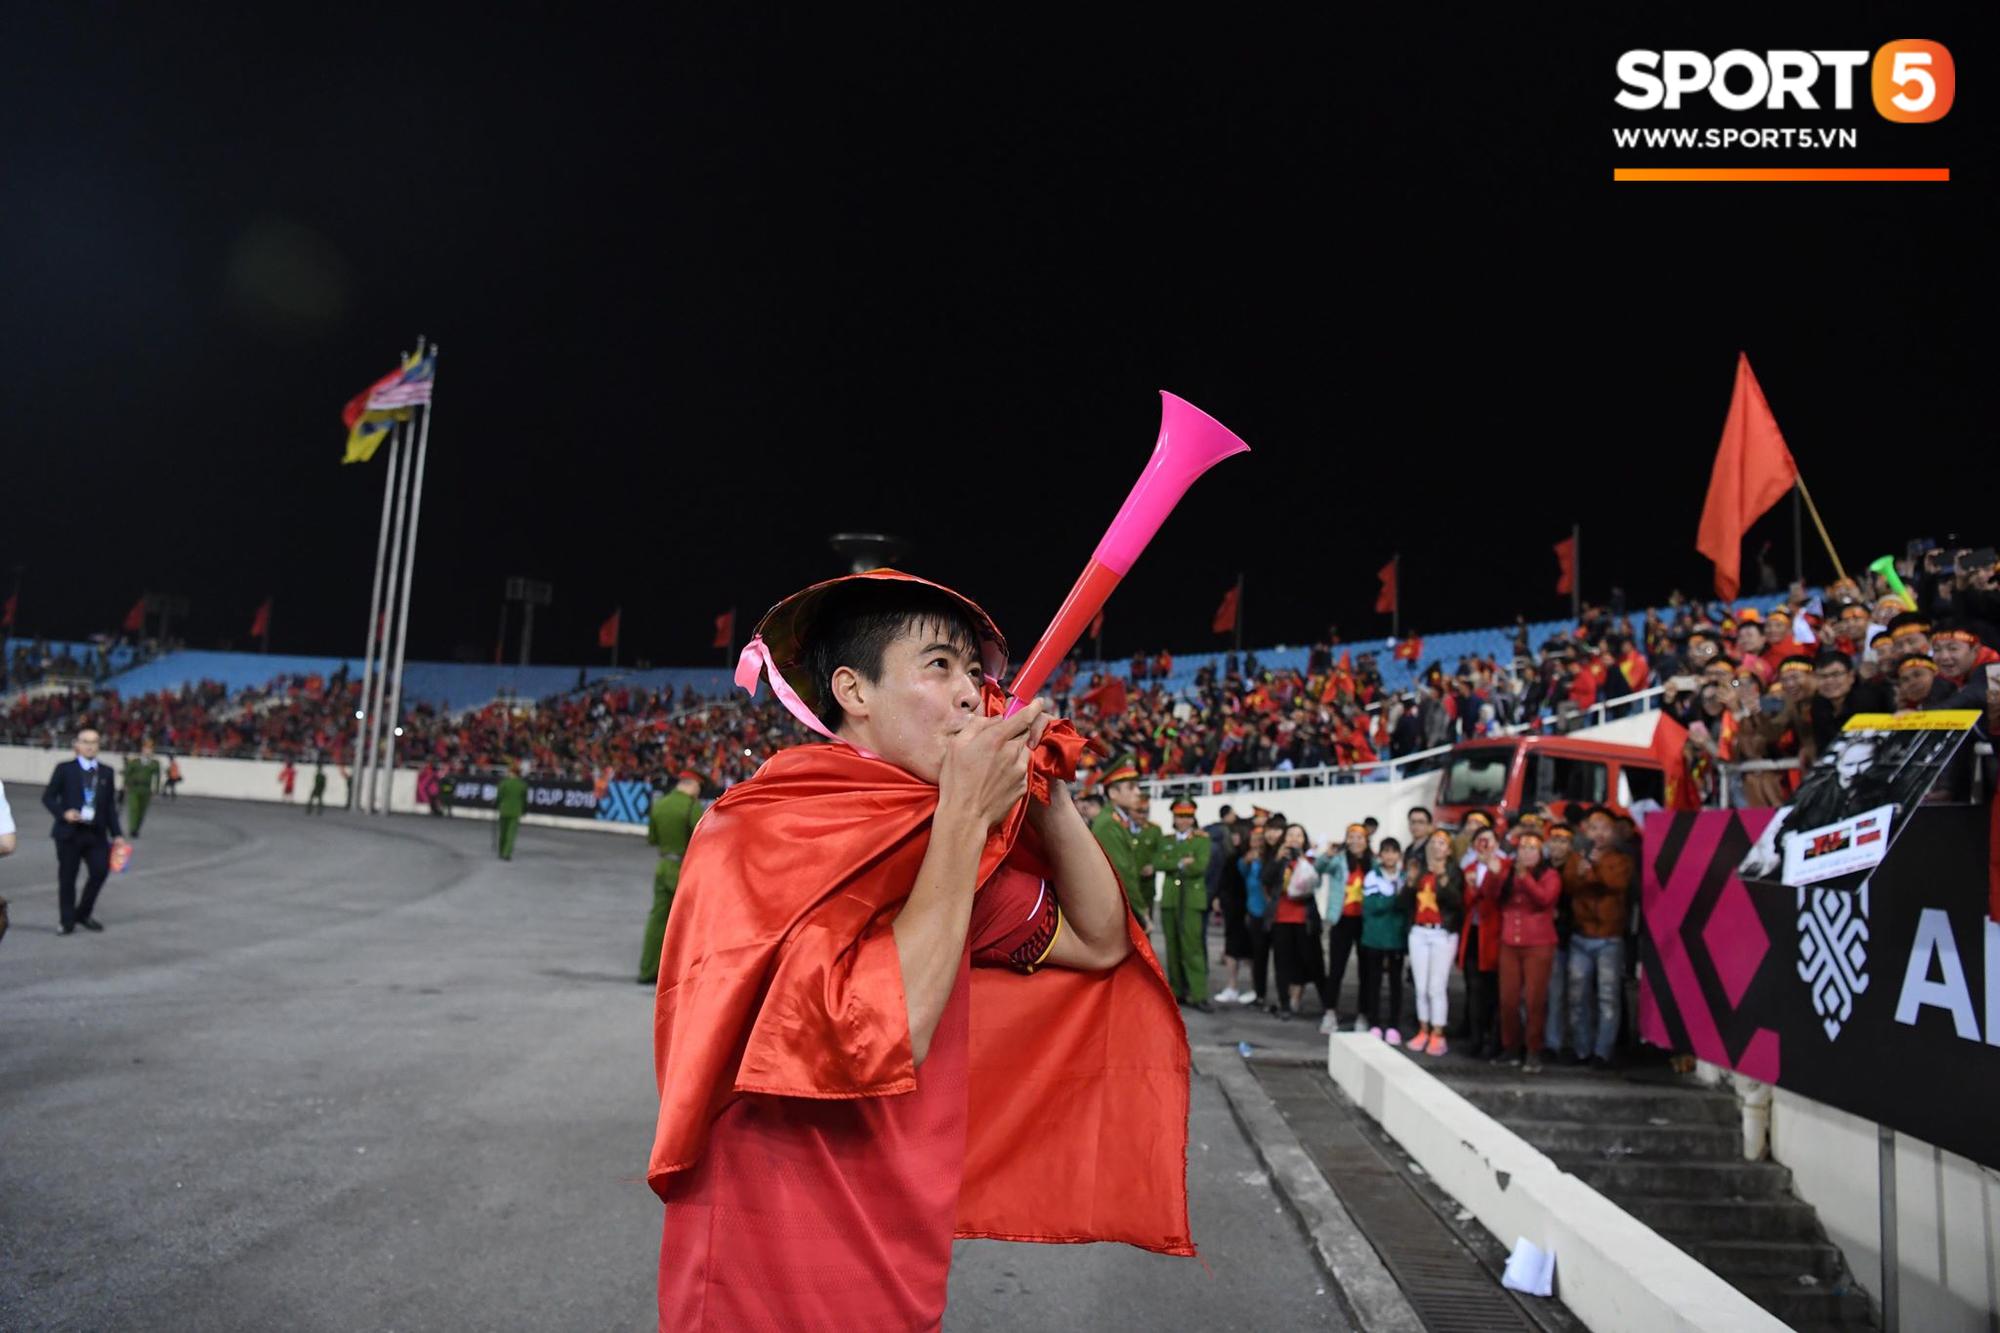 Vô địch AFF Cup, Duy Mạnh không quên tri ân những